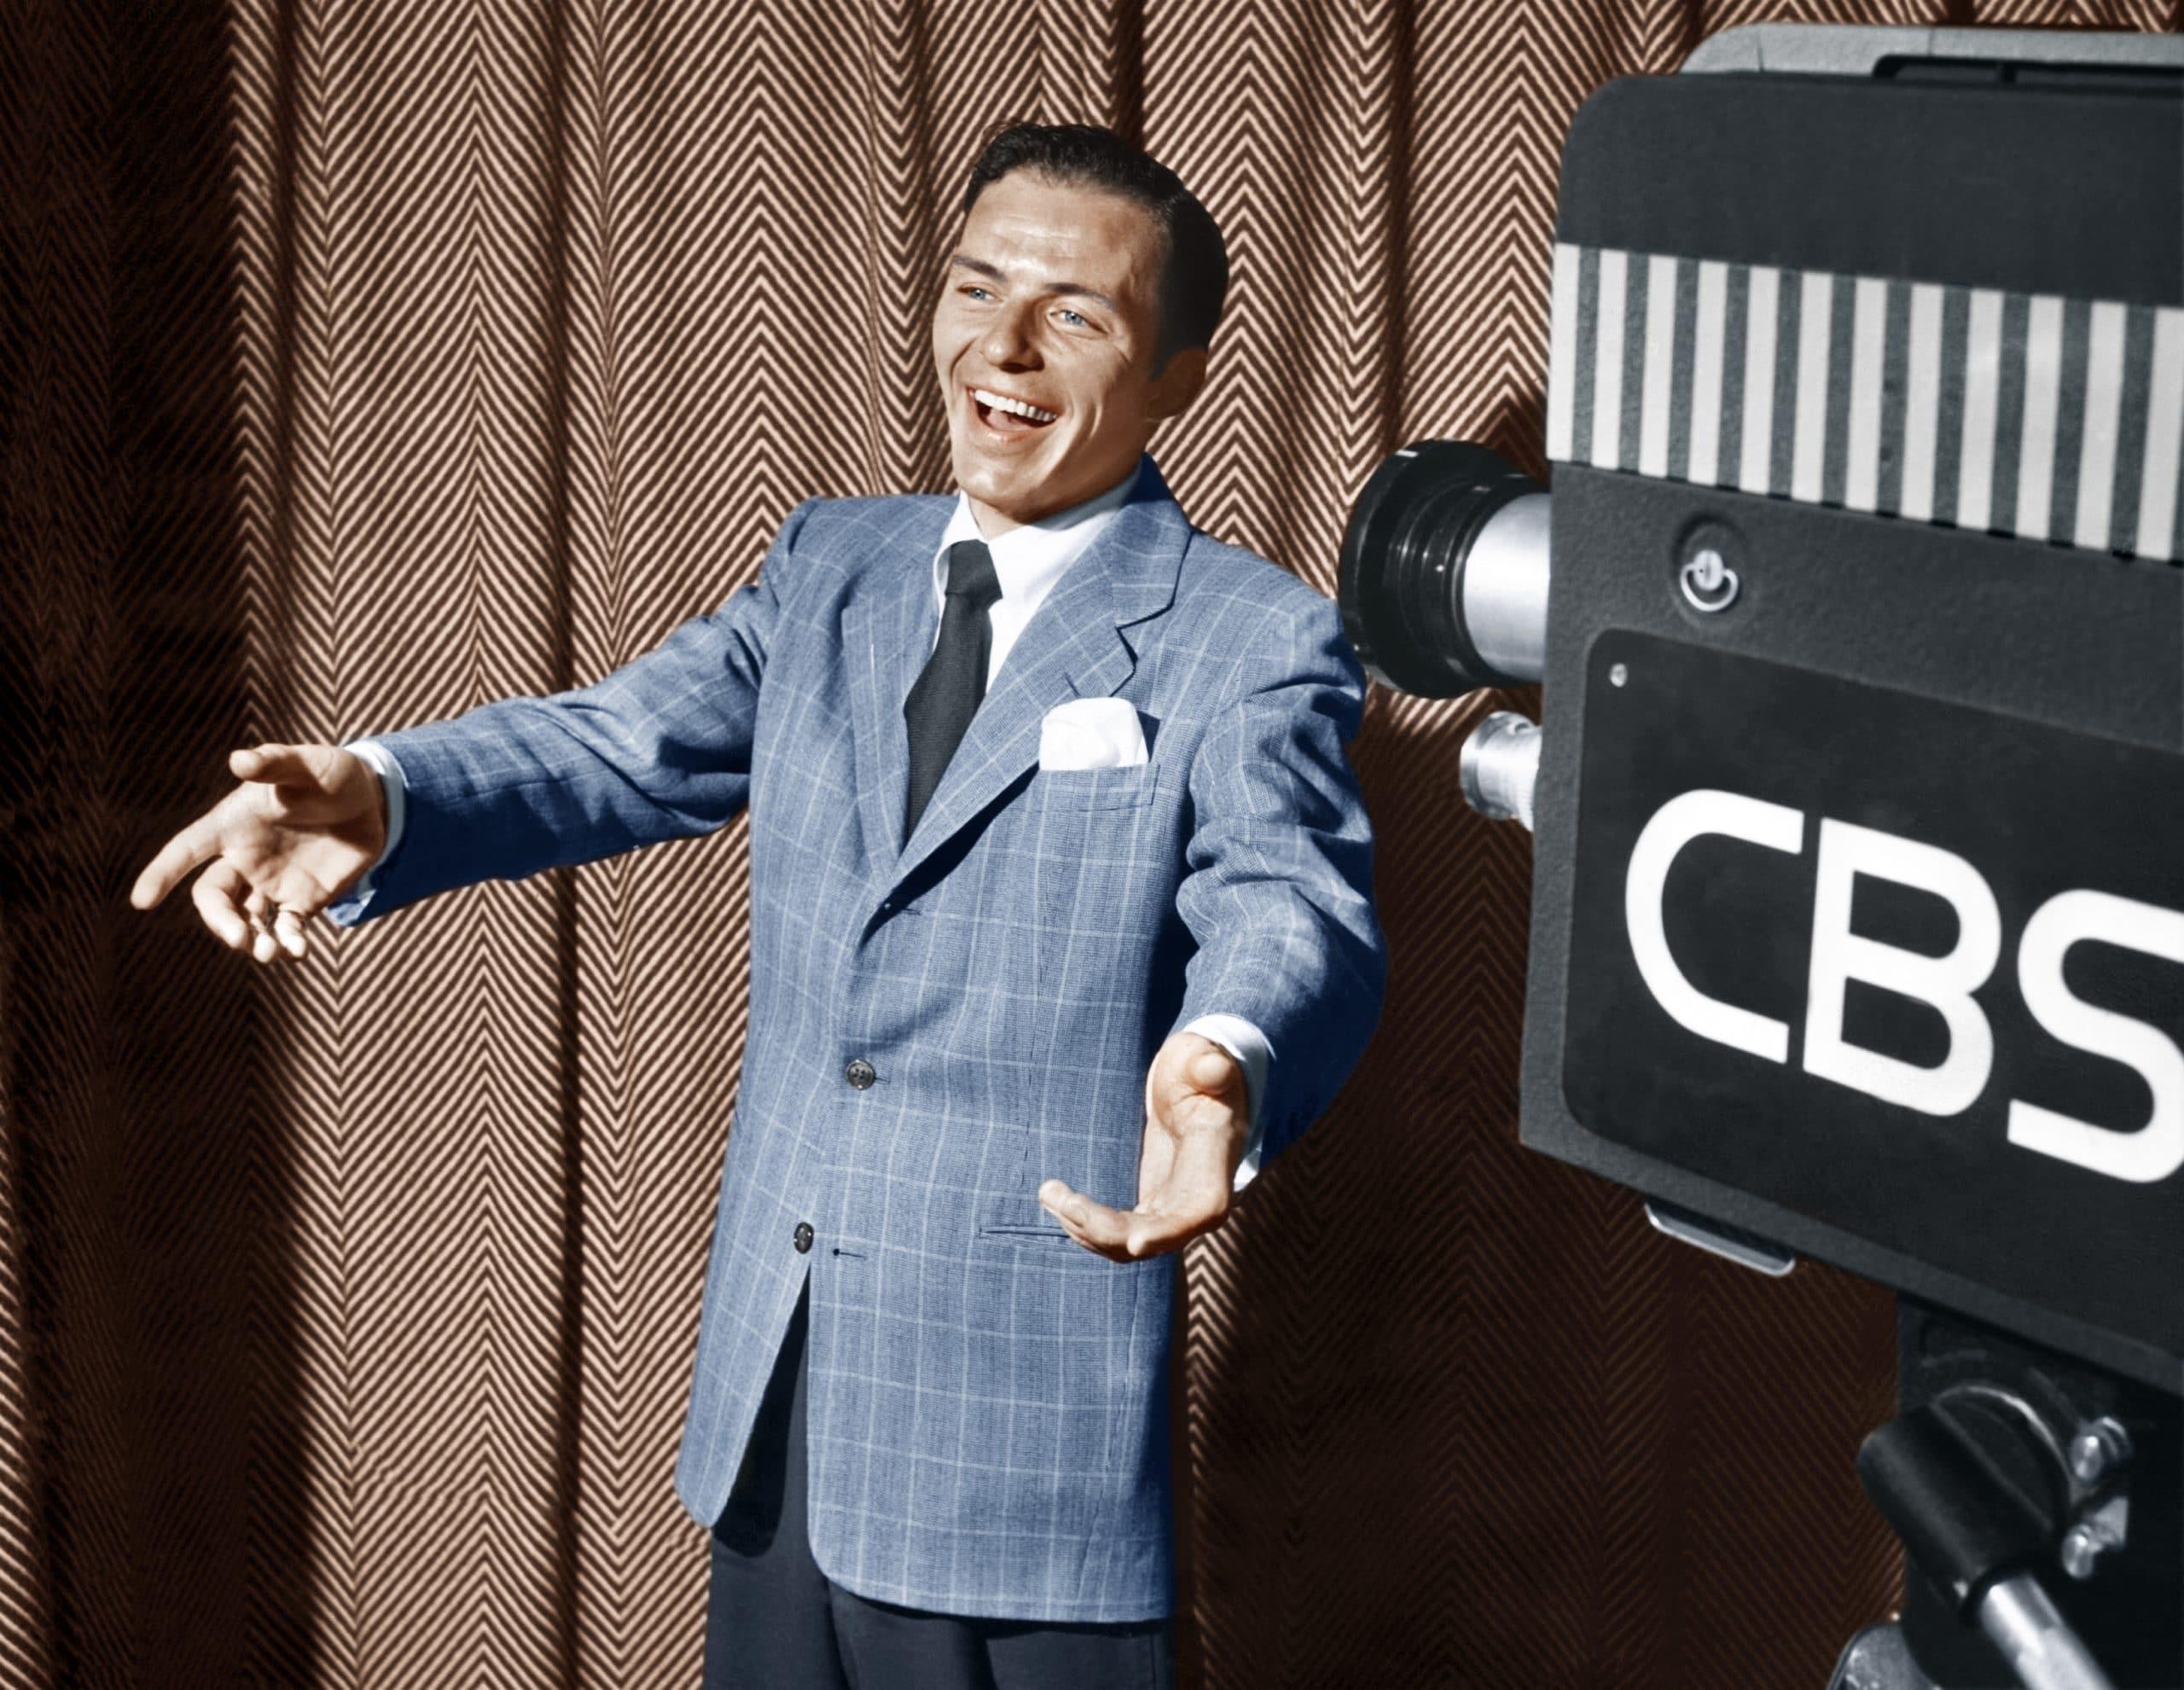 THE FRANK SINATRA SHOW, Frank Sinatra, 1950-52